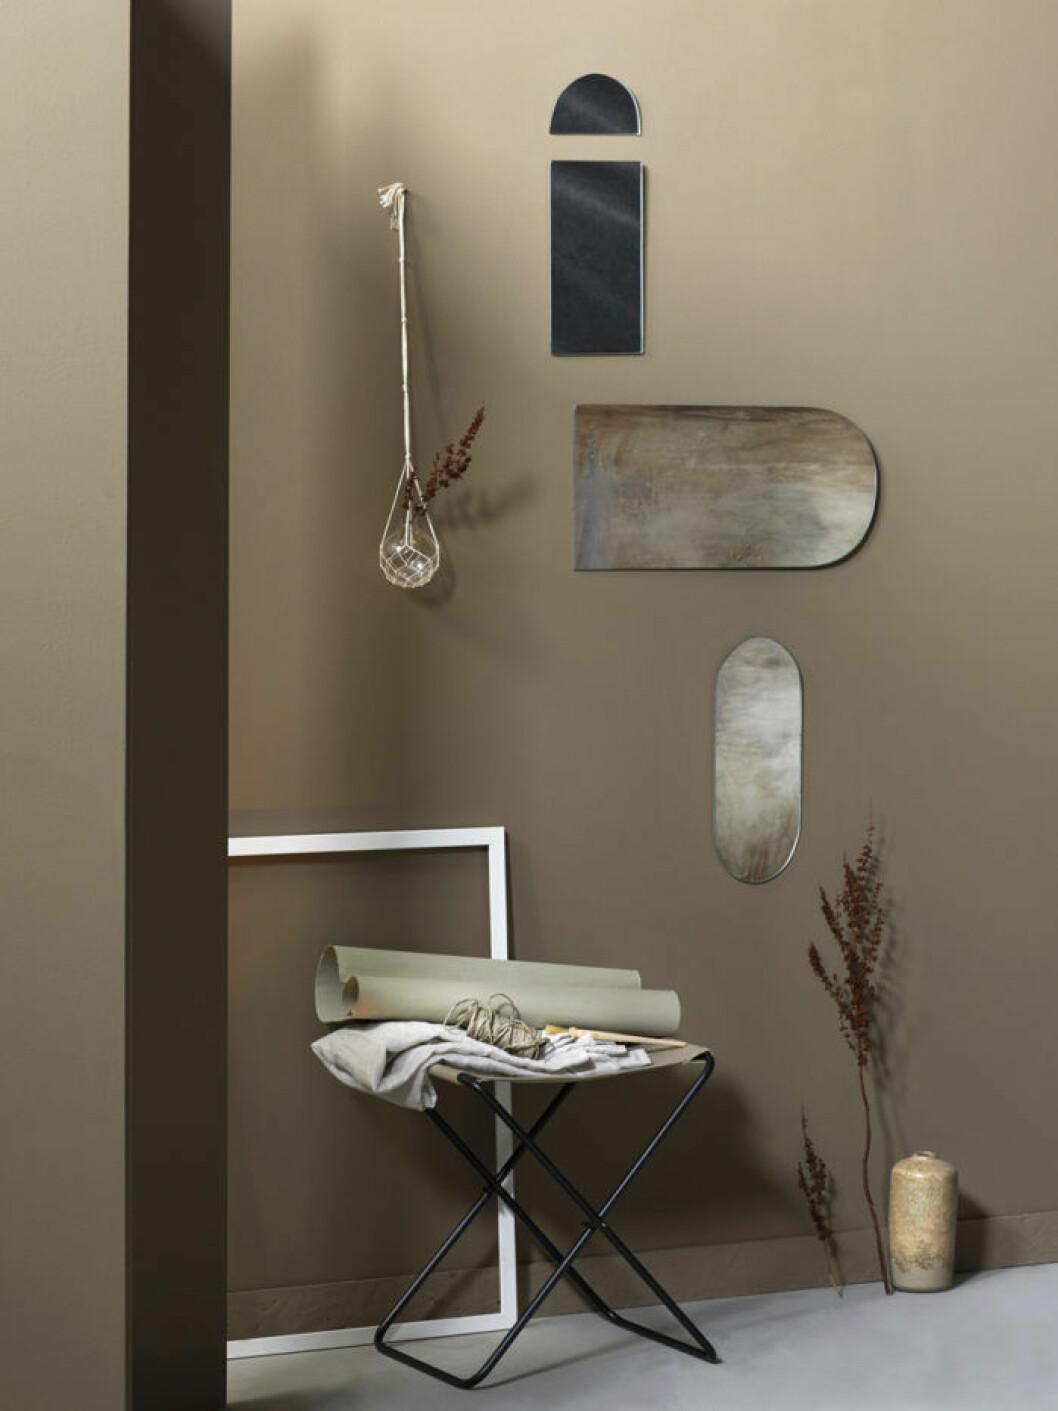 Speglar placerade på vägg